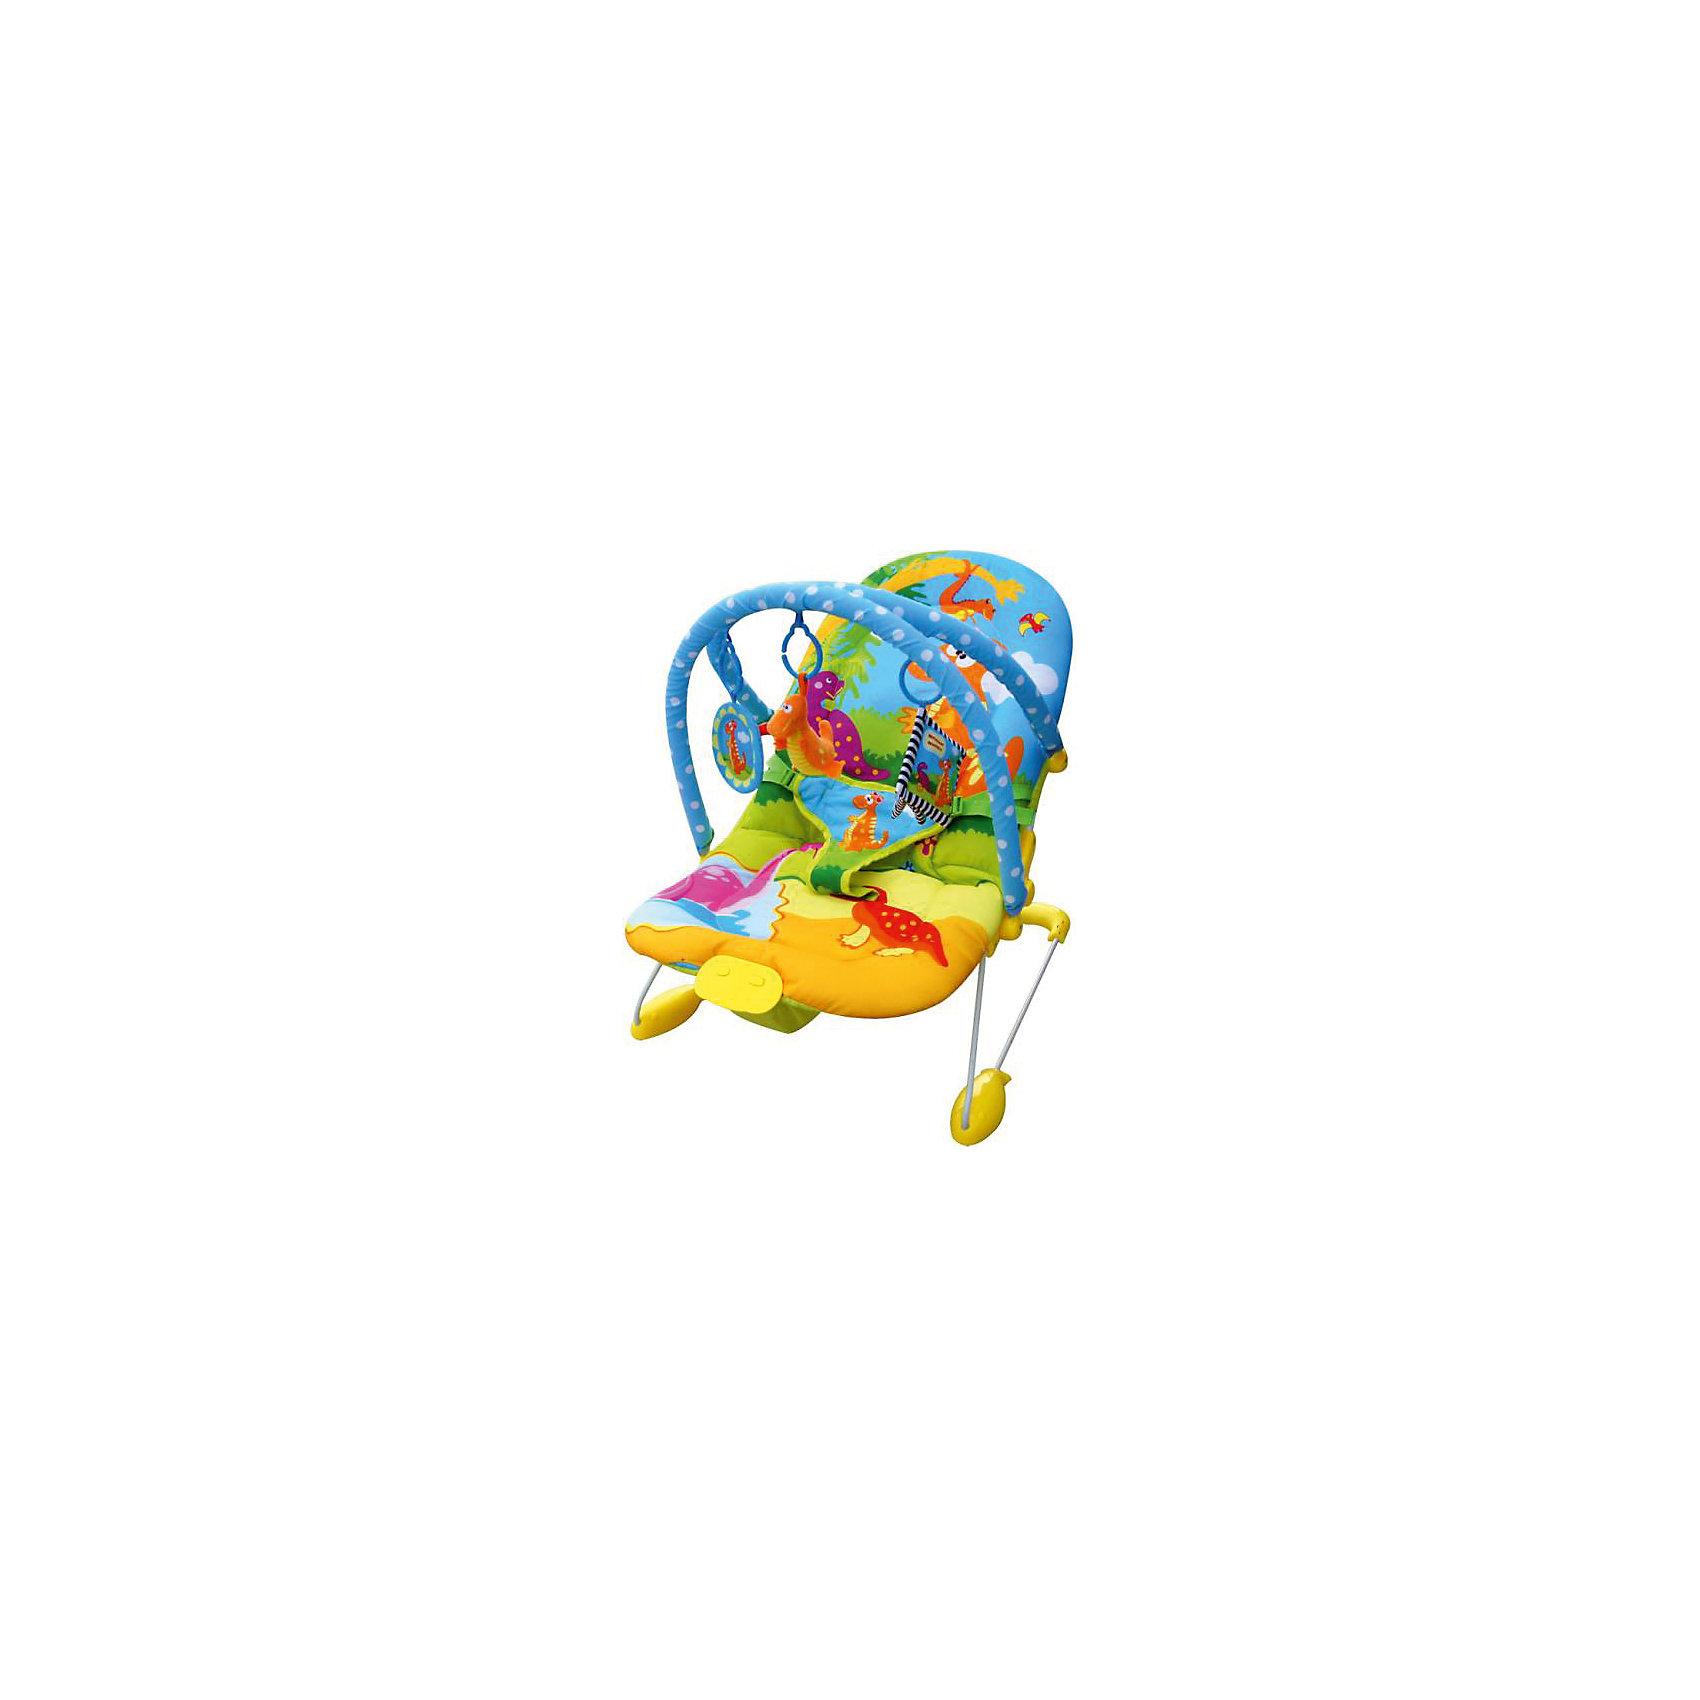 Музыкальный шезлонг Динозаврик с двумя игровыми дугами, LaDiDaЯркий музыкальный шезлонг имеет устойчивую надежную опору, которая исключает переворачивание.  Удобная спинка быстро изменяет угол наклона, вплоть до положения лежа. Очень легкая модель компактно складывается и раскладывается, занимает мало места при хранении и транспортировке. Шезлонг имеет дугу с яркими игрушками, которые обязательно привлекут внимание ребенка. 7 мелодий и легкая вибрация успокоят кроху и обеспечат ему комфортный и спокойный отдых. Мягкое сиденье из влагоотталкивающего материала протирается губкой. Система страховочных ремешков обеспечивает безопасность. Шезлонг изготовлен из прочных, высококачественных материалов, безопасен для детей.<br><br>Дополнительная информация:<br><br>- Материал: пластик, ПЭ, металл. <br>- Размер: 78х59х51.<br>- Страховочные ремни (3-х точечные).<br>- Вибрация.<br>- 7 мелодий.<br>- Дуга с игрушками.<br>- Легко и быстро складывается.<br>- Регулируемая спинка (до положения лежа). <br>- Устойчивая, надёжная опора. <br>- Регулировка громкости.<br>- Световая дуга. <br>- Мягкое сиденье из влагоотталкивающего материала.<br>- Максимальный вес ребенка: 9 кг. <br>- Элемент питания: АА батарейки (не входят в комплект). <br><br>Музыкальный шезлонг Динозаврик с двумя игровыми дугами, LaDiDa, можно купить в нашем магазине.<br><br>Ширина мм: 530<br>Глубина мм: 470<br>Высота мм: 100<br>Вес г: 2800<br>Возраст от месяцев: 0<br>Возраст до месяцев: 6<br>Пол: Унисекс<br>Возраст: Детский<br>SKU: 4443765